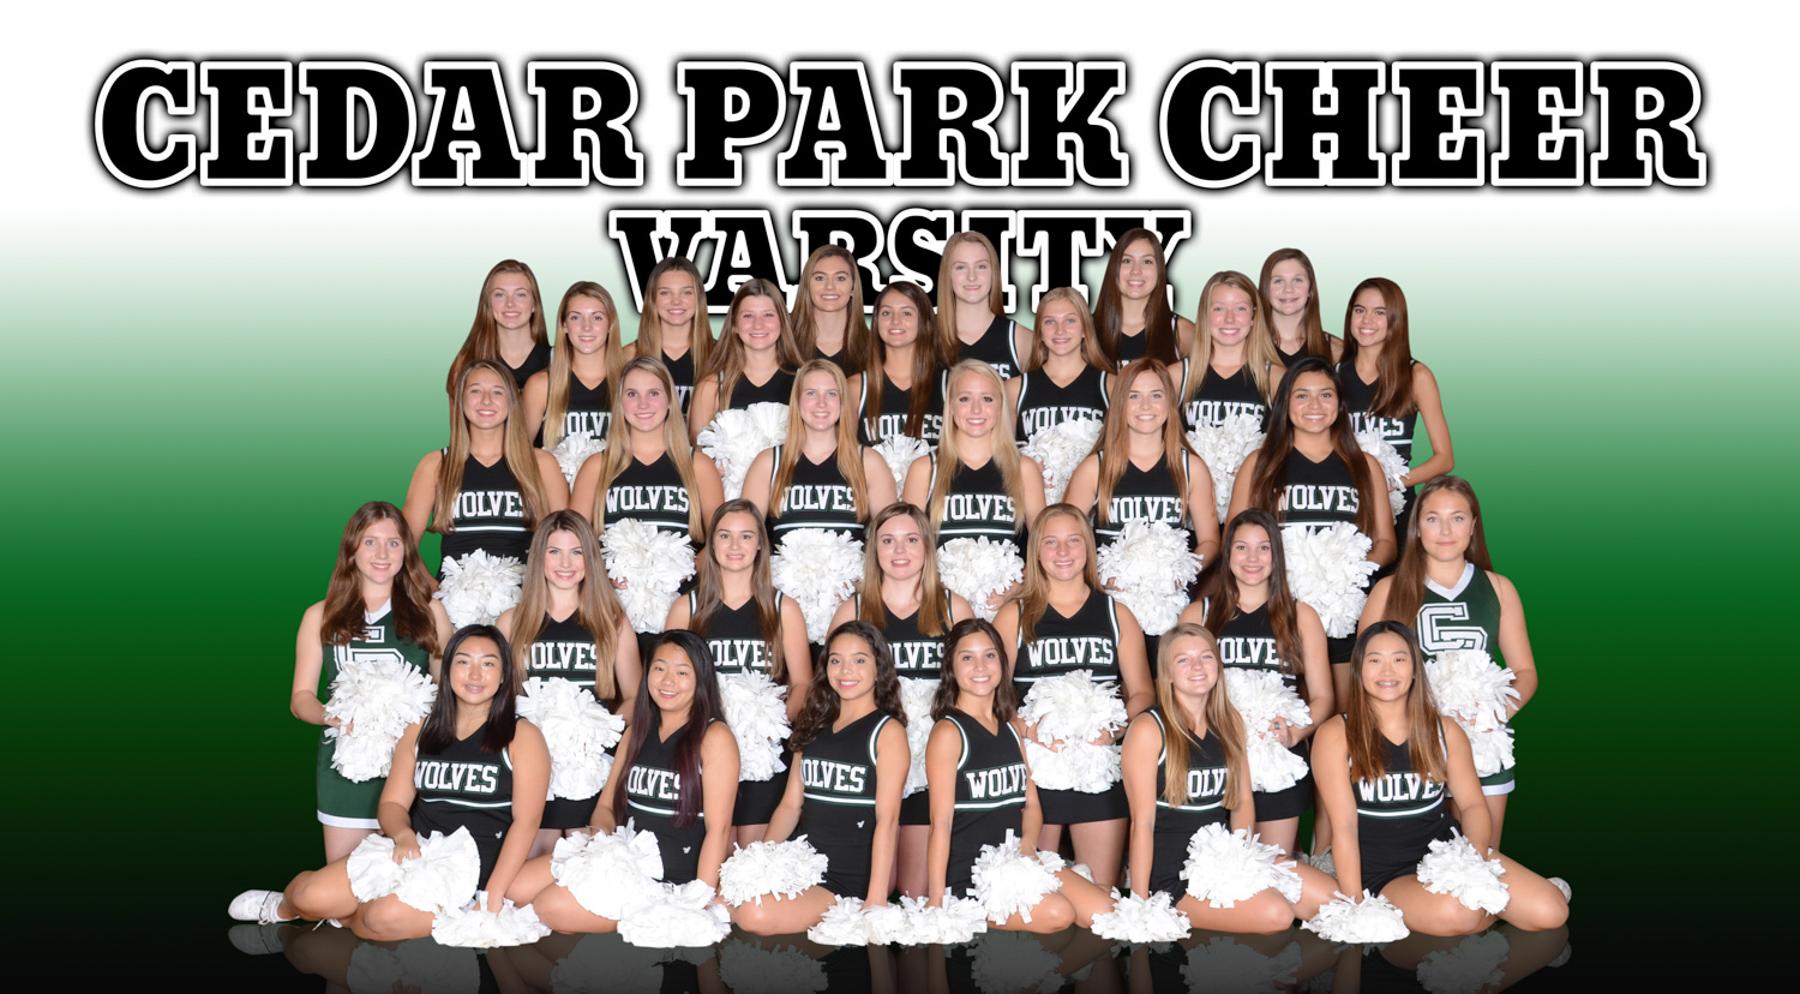 27 CPHs CedarParkHS_Cheer19_Varsity_Mock 2.JPG